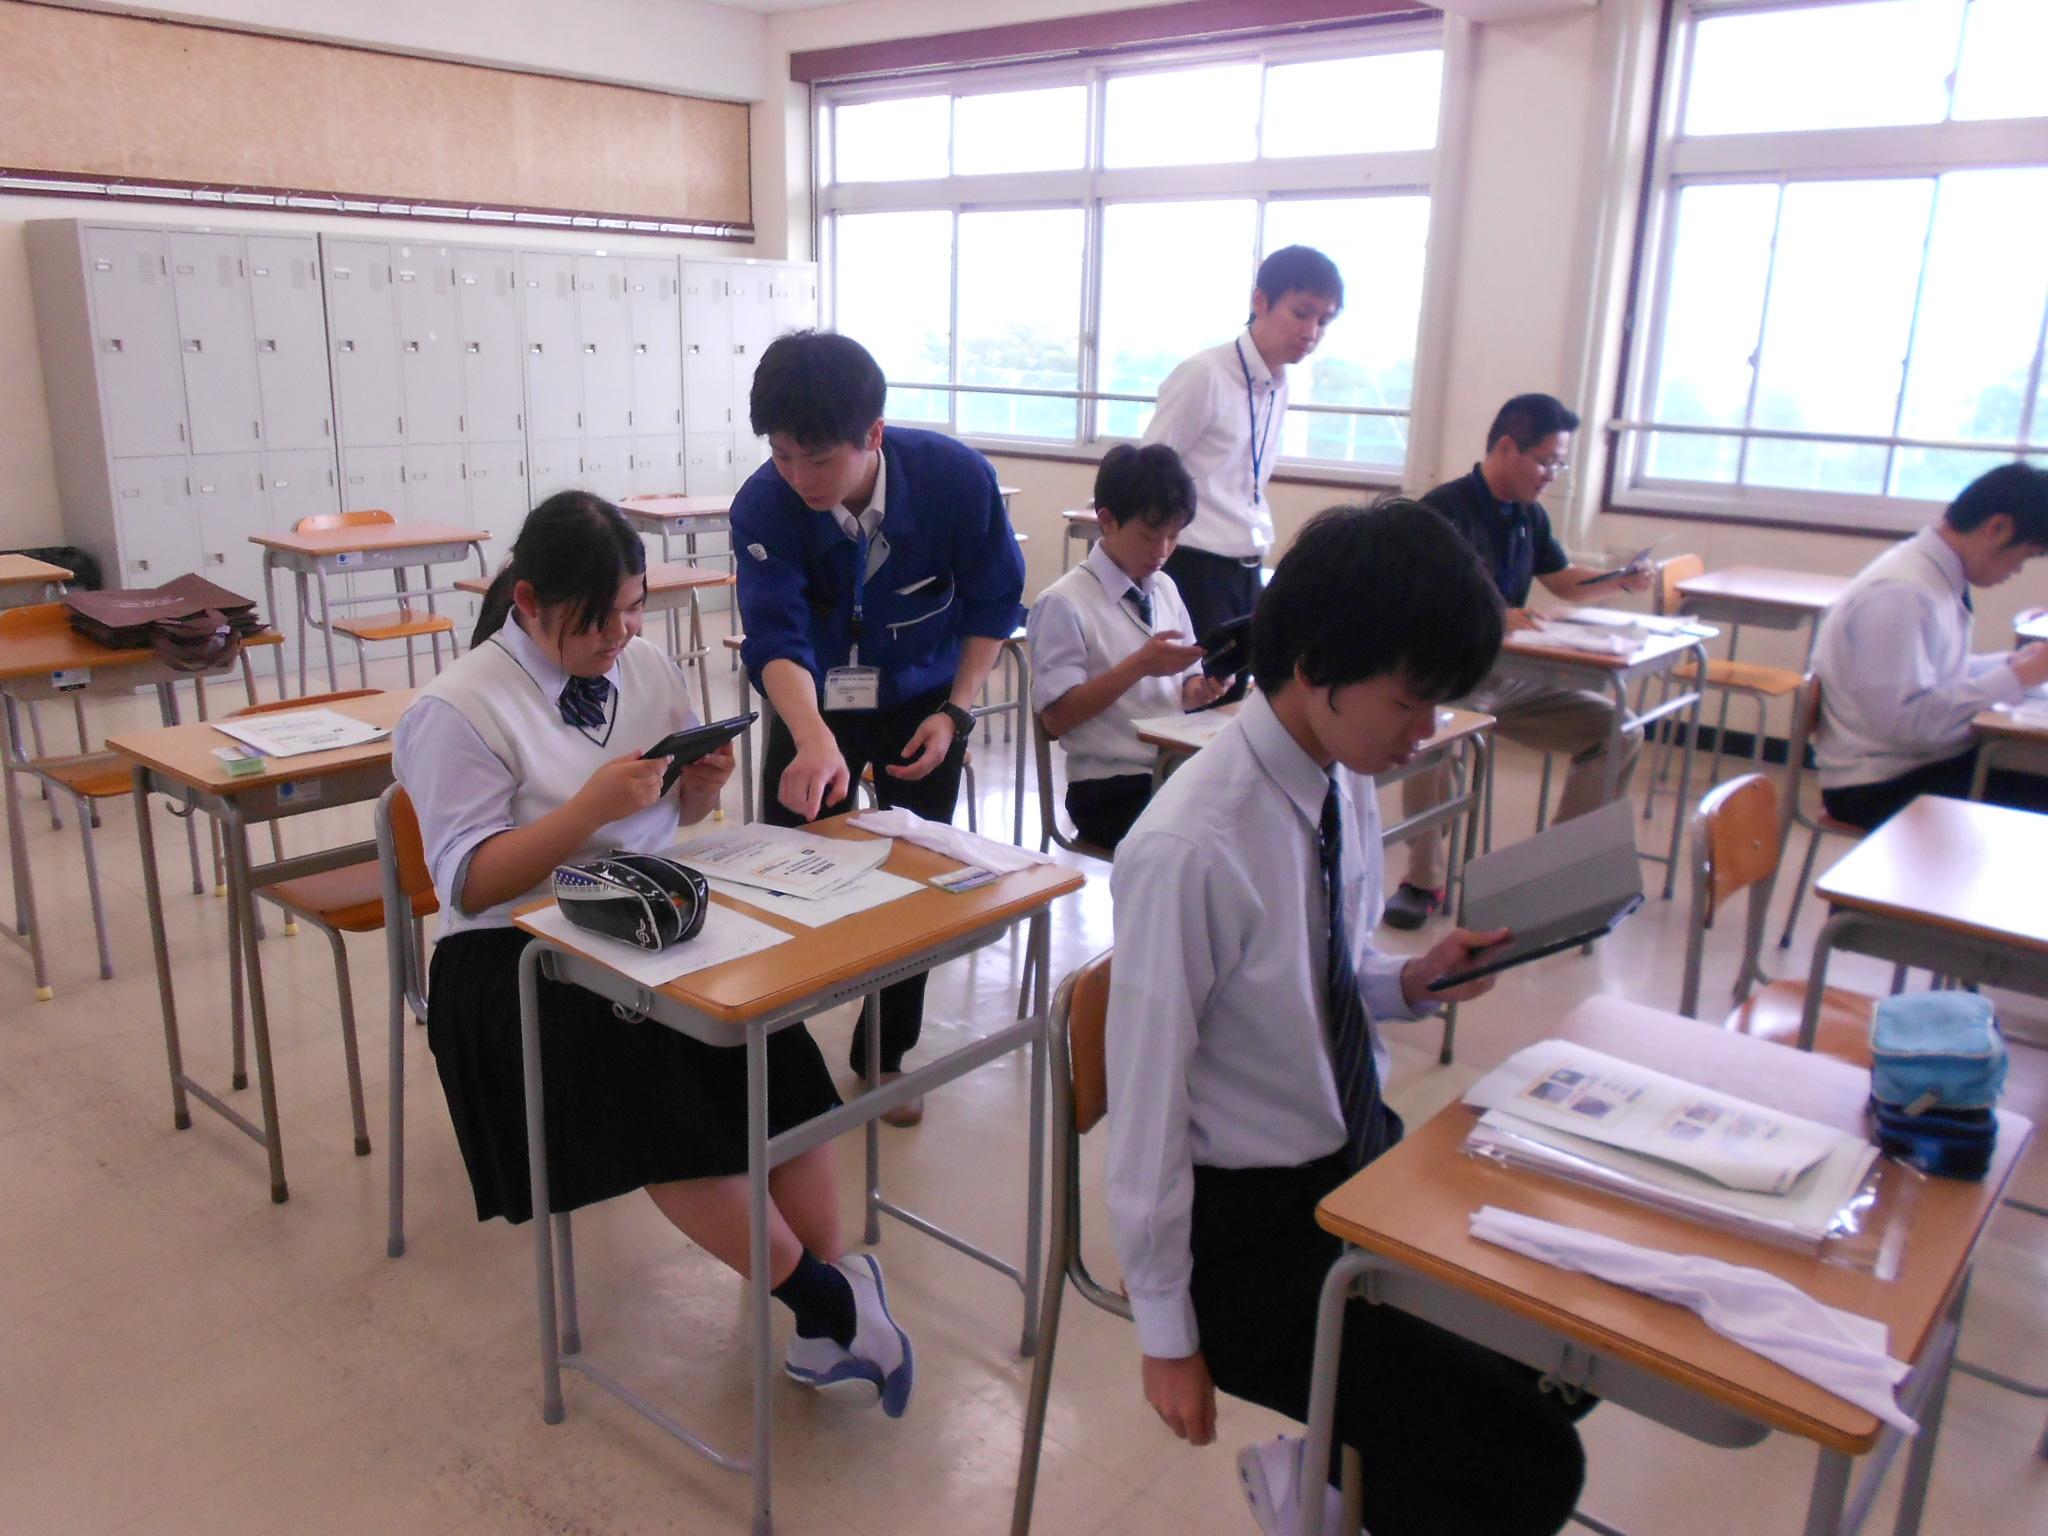 高知県立中芸高等学校は定時制昼間部と夜間部を設置する多部制の単位制普通科高等学校です。